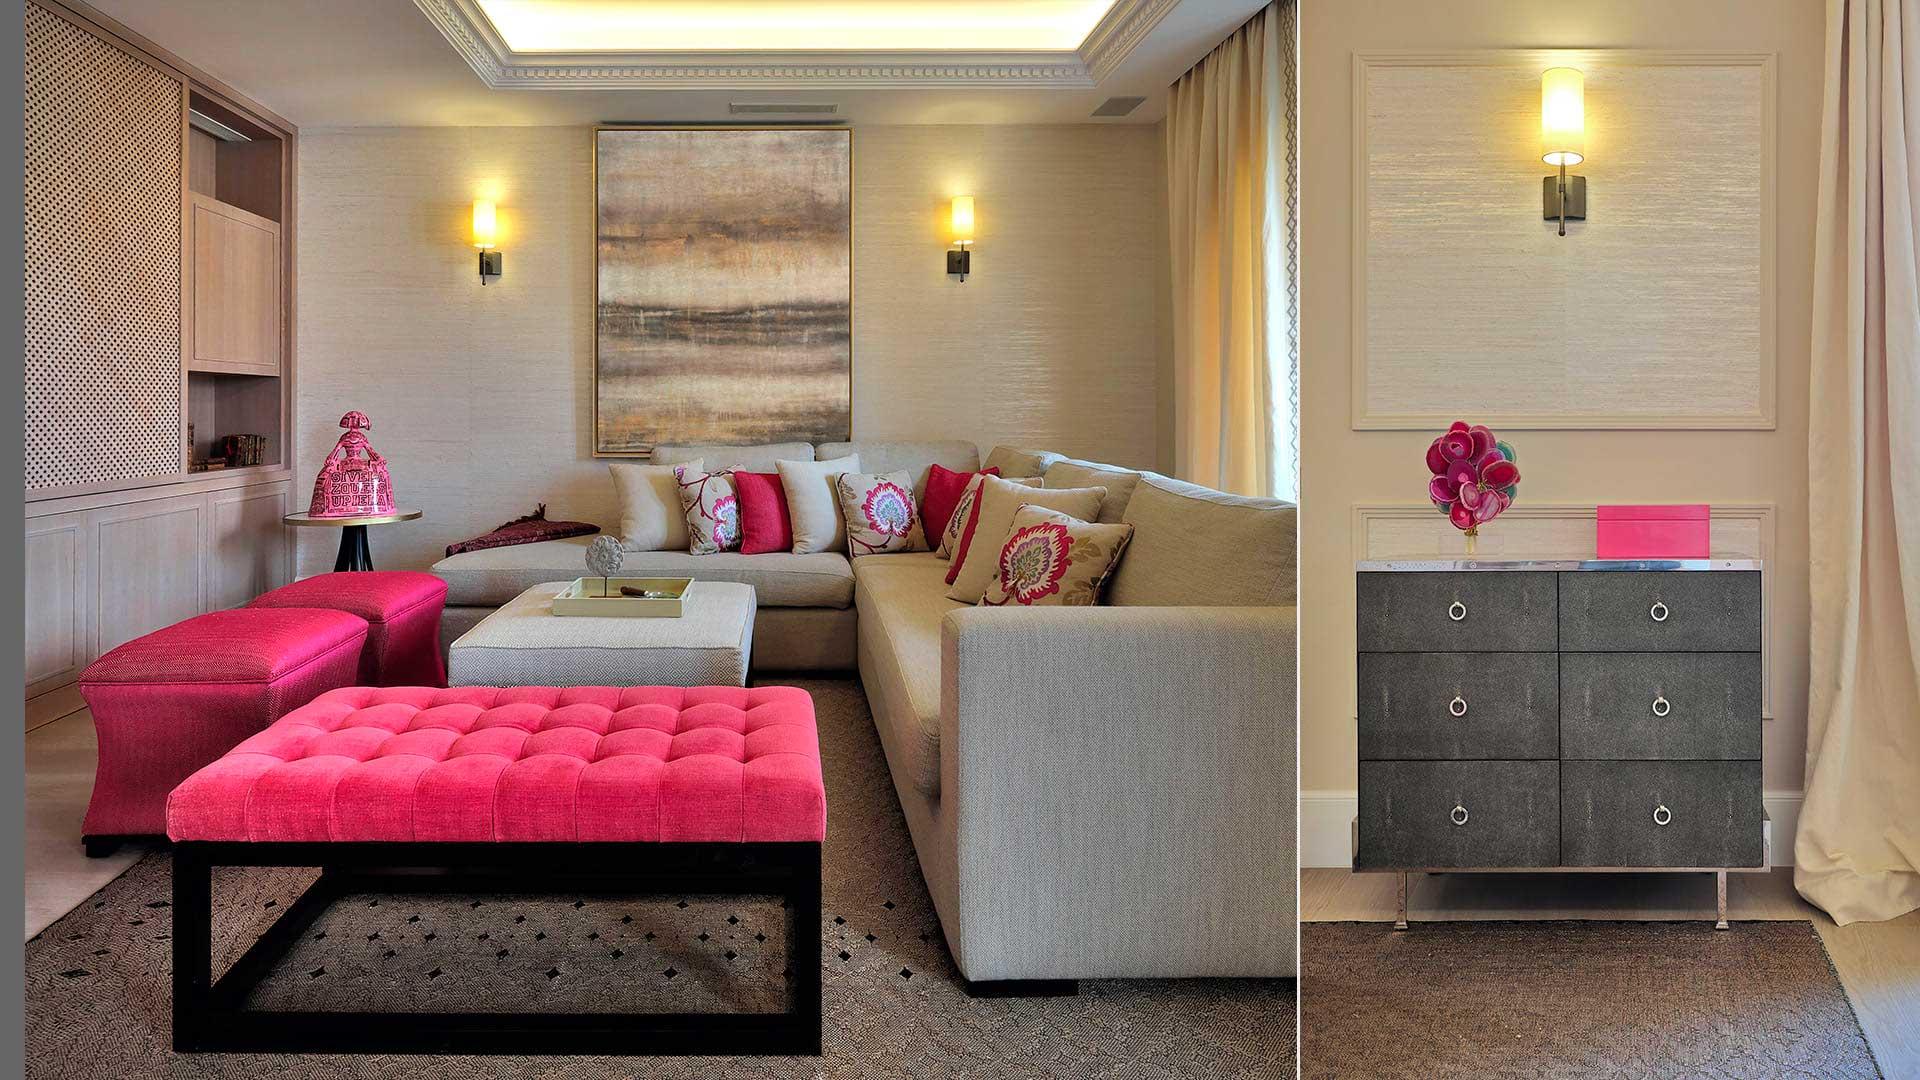 MADRID-FAMILY-APARTMENT-02-Dome-interior-design-Geneve-Suisse